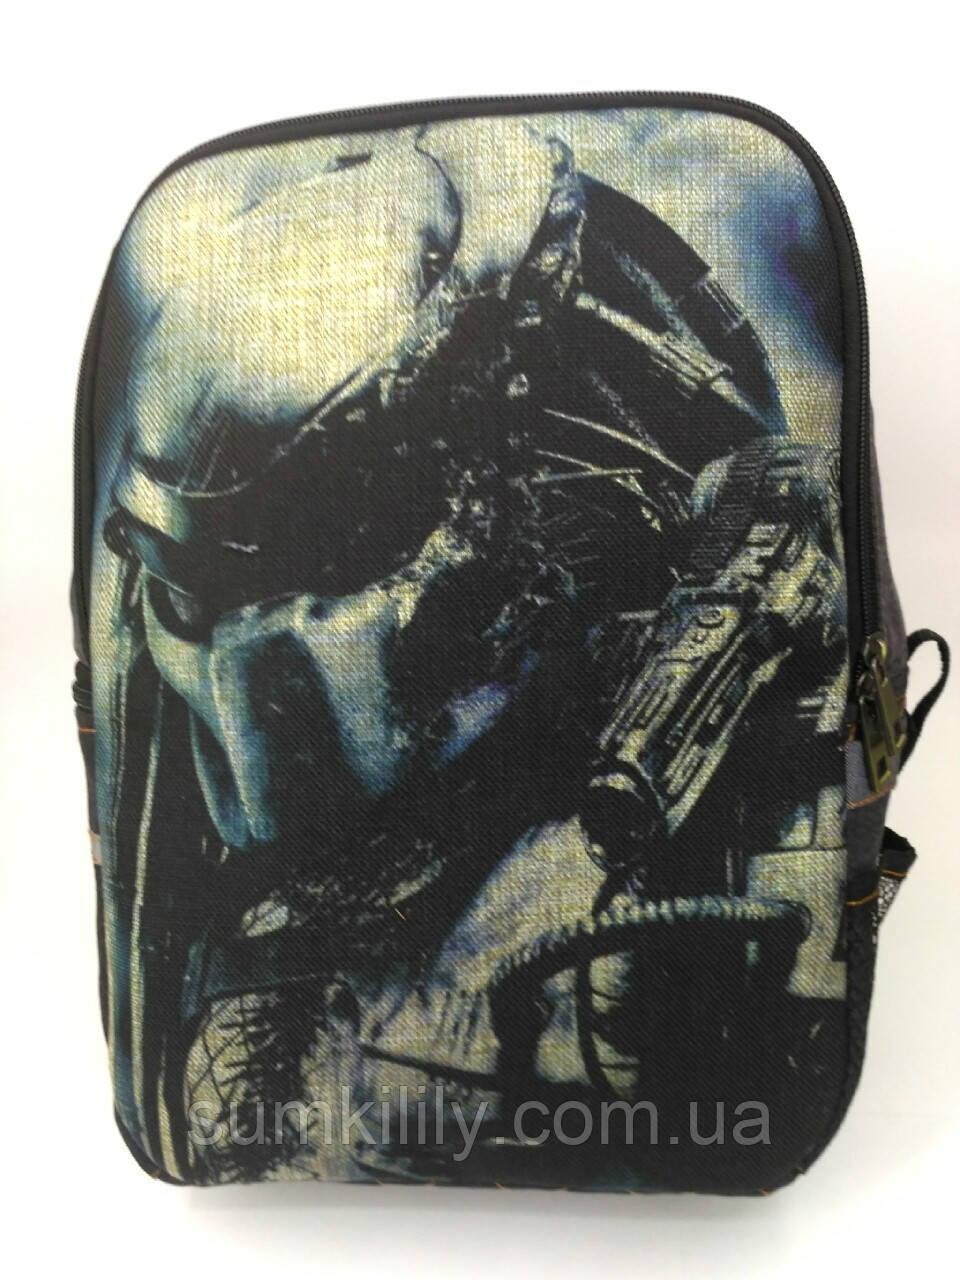 Джинсовый рюкзак Хищник 3